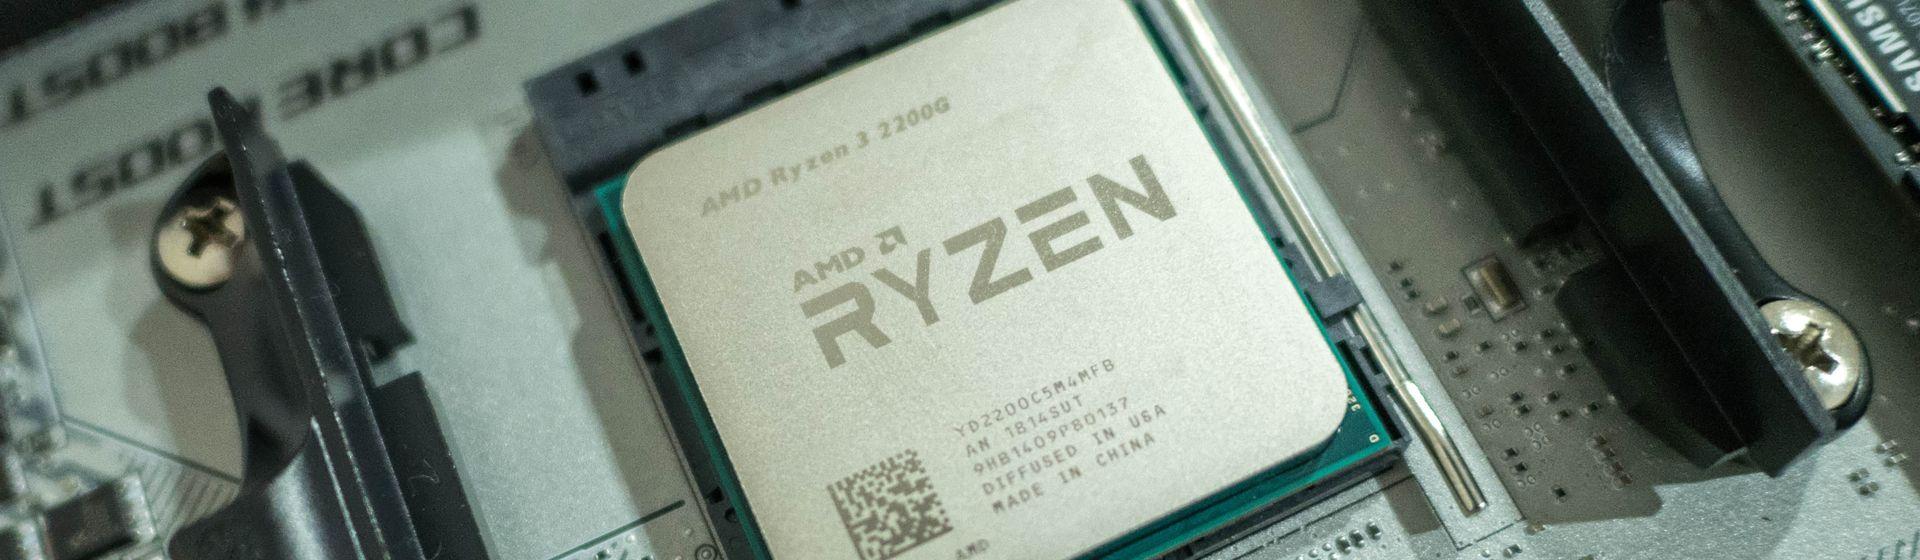 Processador AMD Ryzen 3 2200G é bom? Veja análise do chip